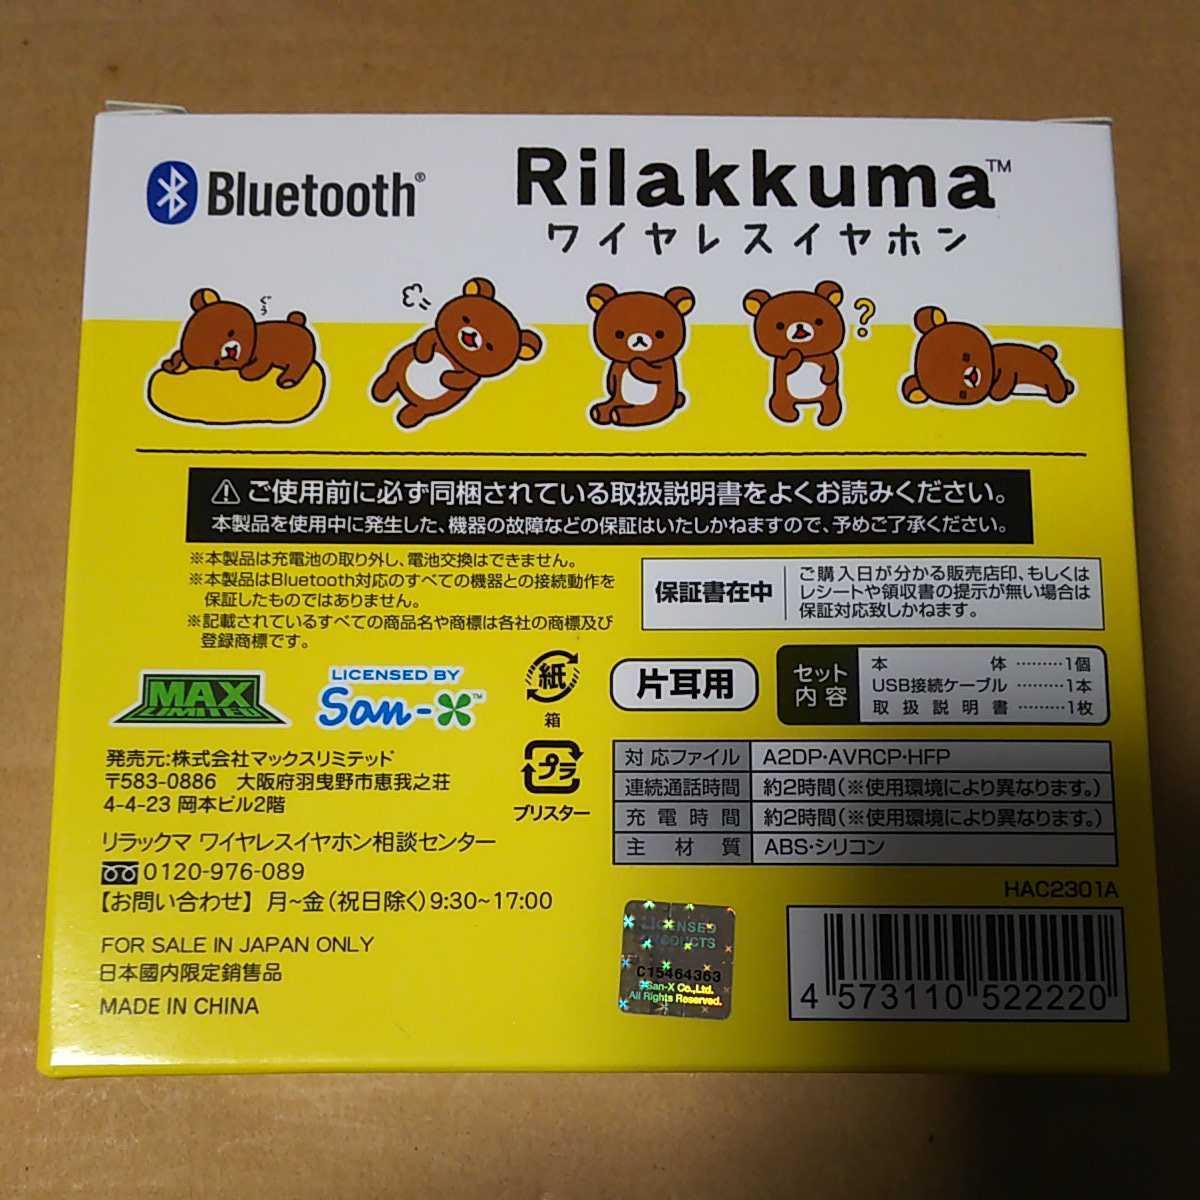 ◆リラックマ Bluetooth ワイヤレスイヤホン HAC2301A タイプ2